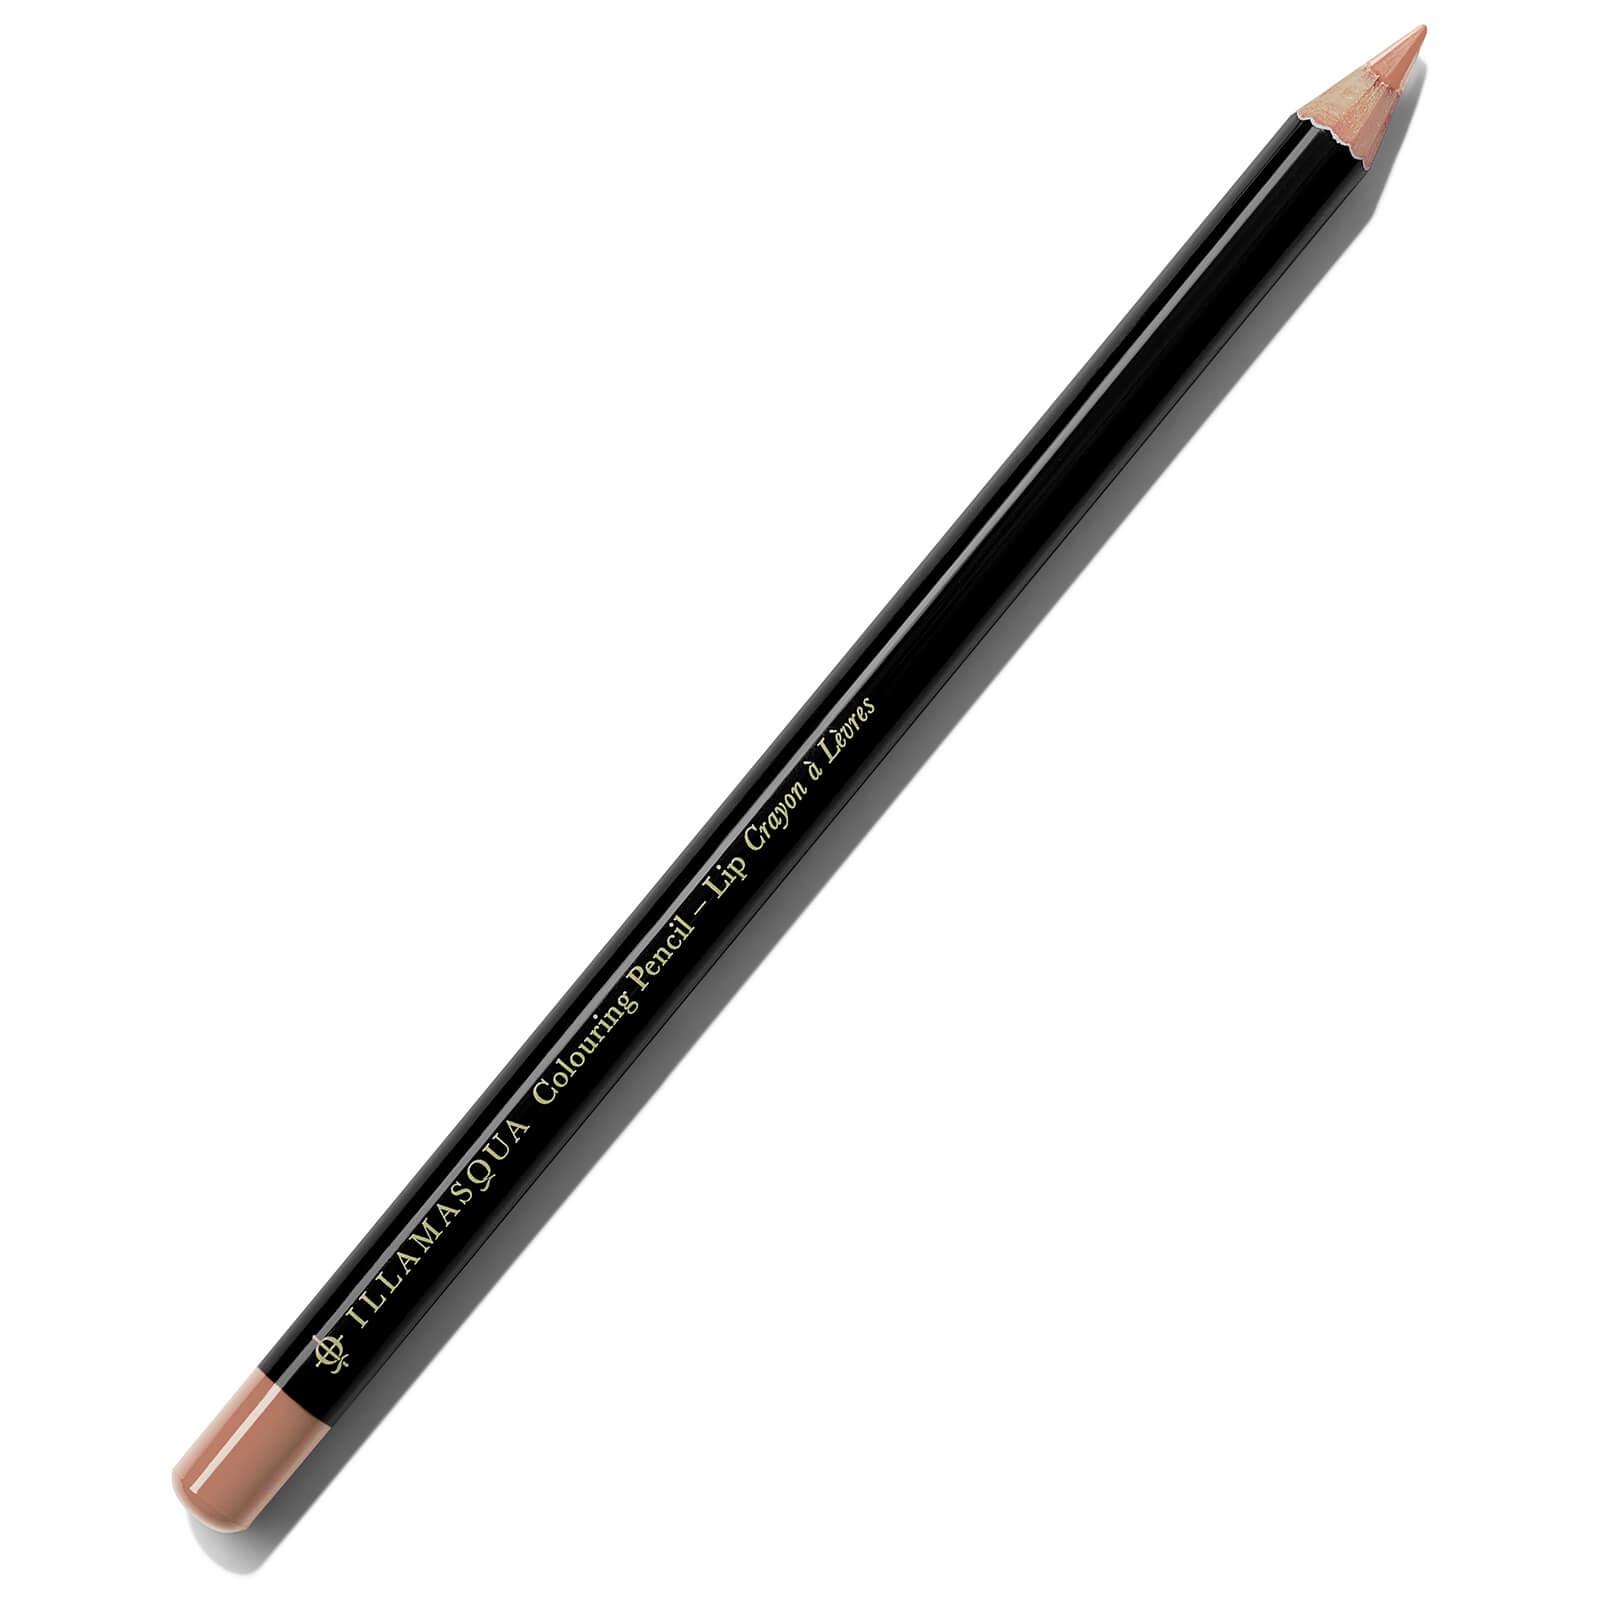 Купить Карандаш для губ Illamasqua Colouring Lip Pencil 1, 4 г (различные оттенки) - Exposed